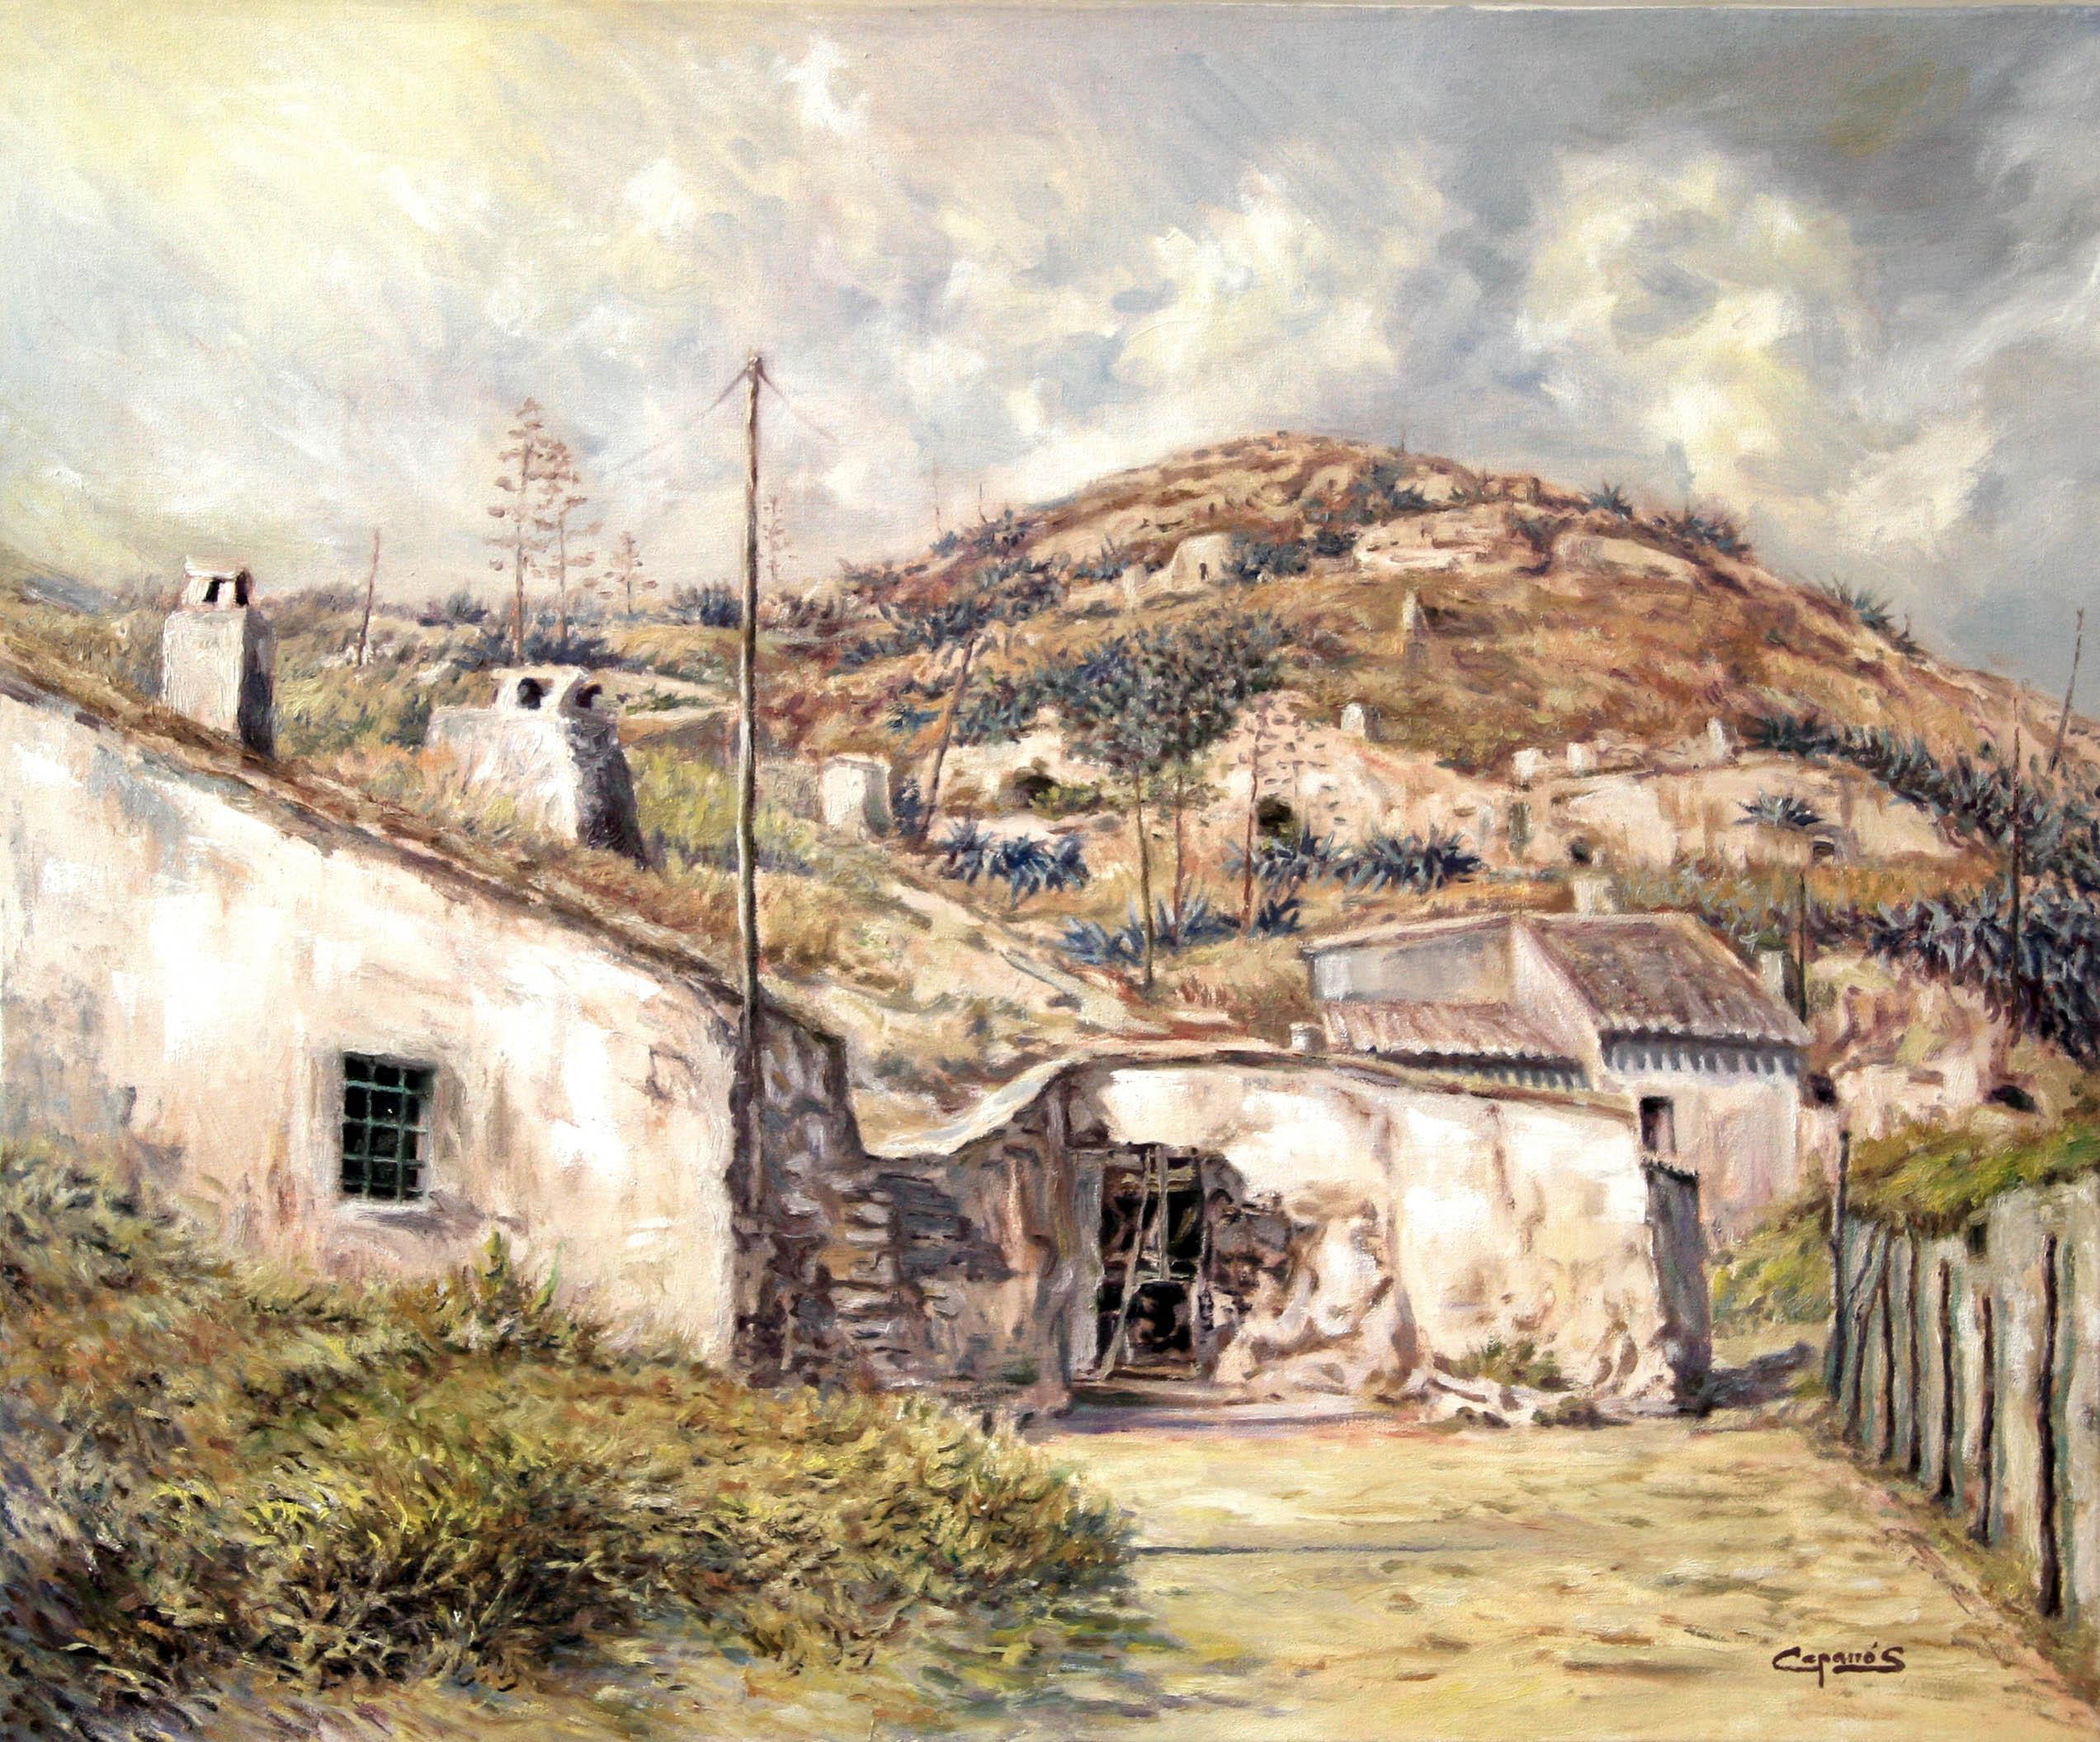 0223 - Paraje del Castillo - Casas Cueva - Pto. Lumbreras (MU) (2013) - Antonio Caparrós García